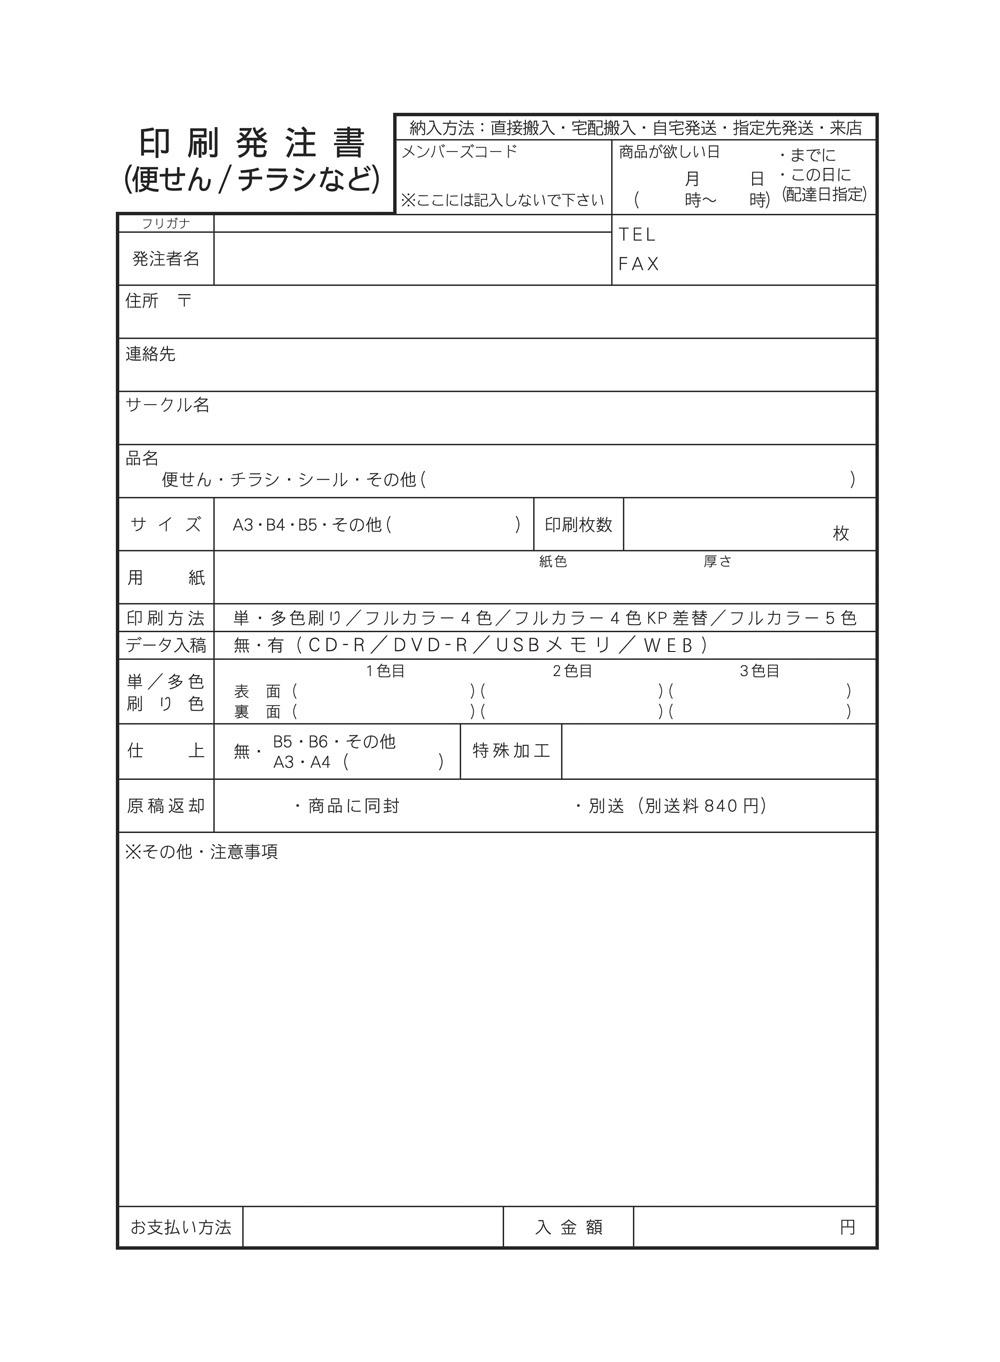 株式会社 Bros 岡山県岡山市にある同人誌専門の印刷会社